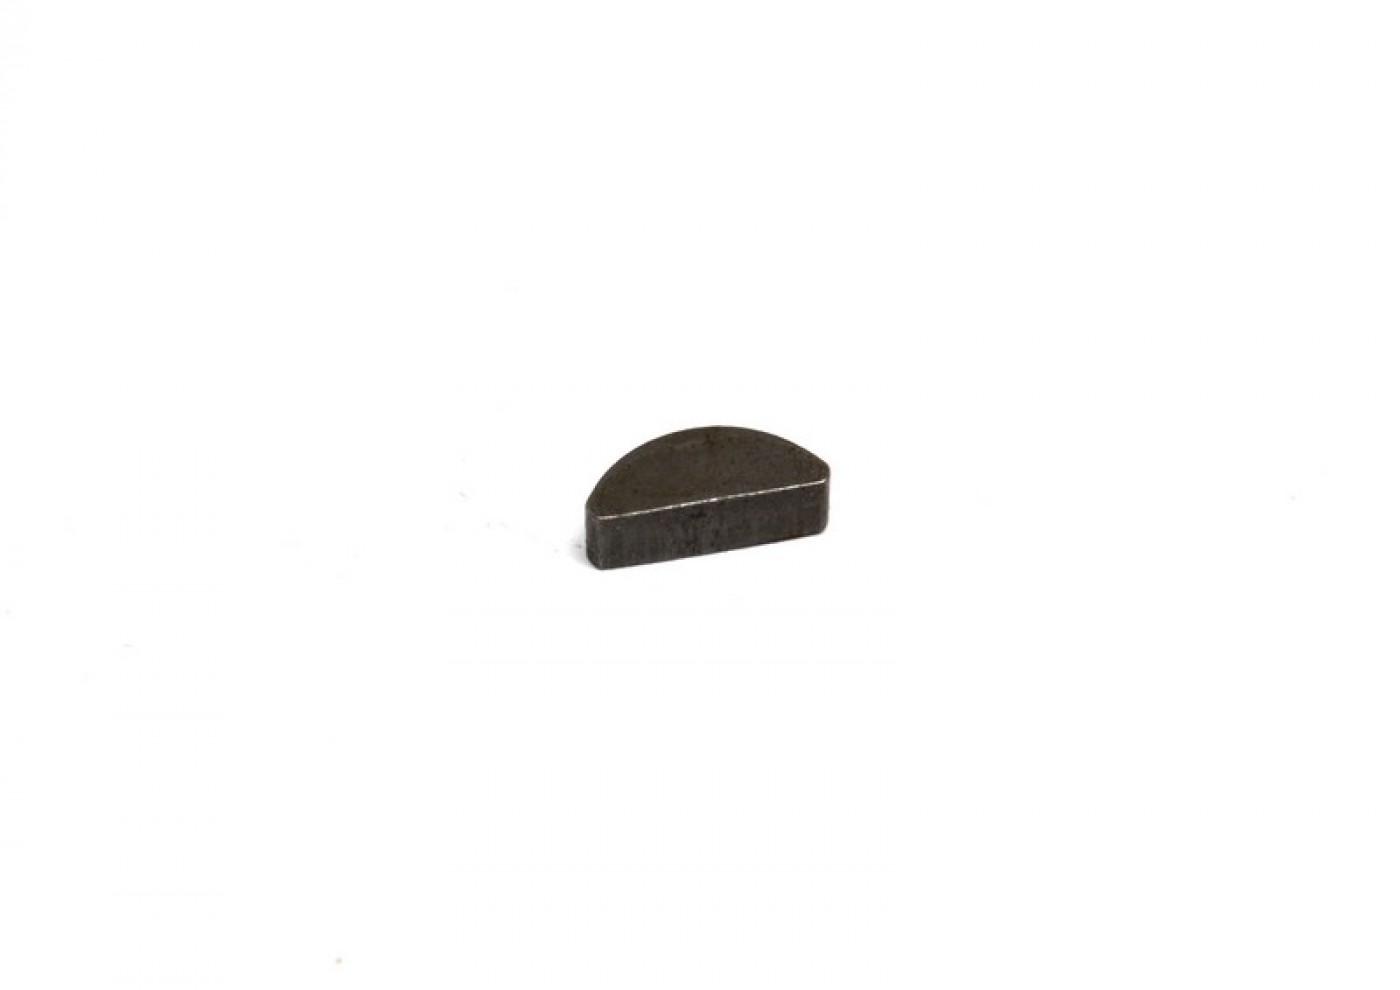 Klínek ventilátoru Stihl MS440 MS660 MS661 - 2x3.7 - 1120 036 8500